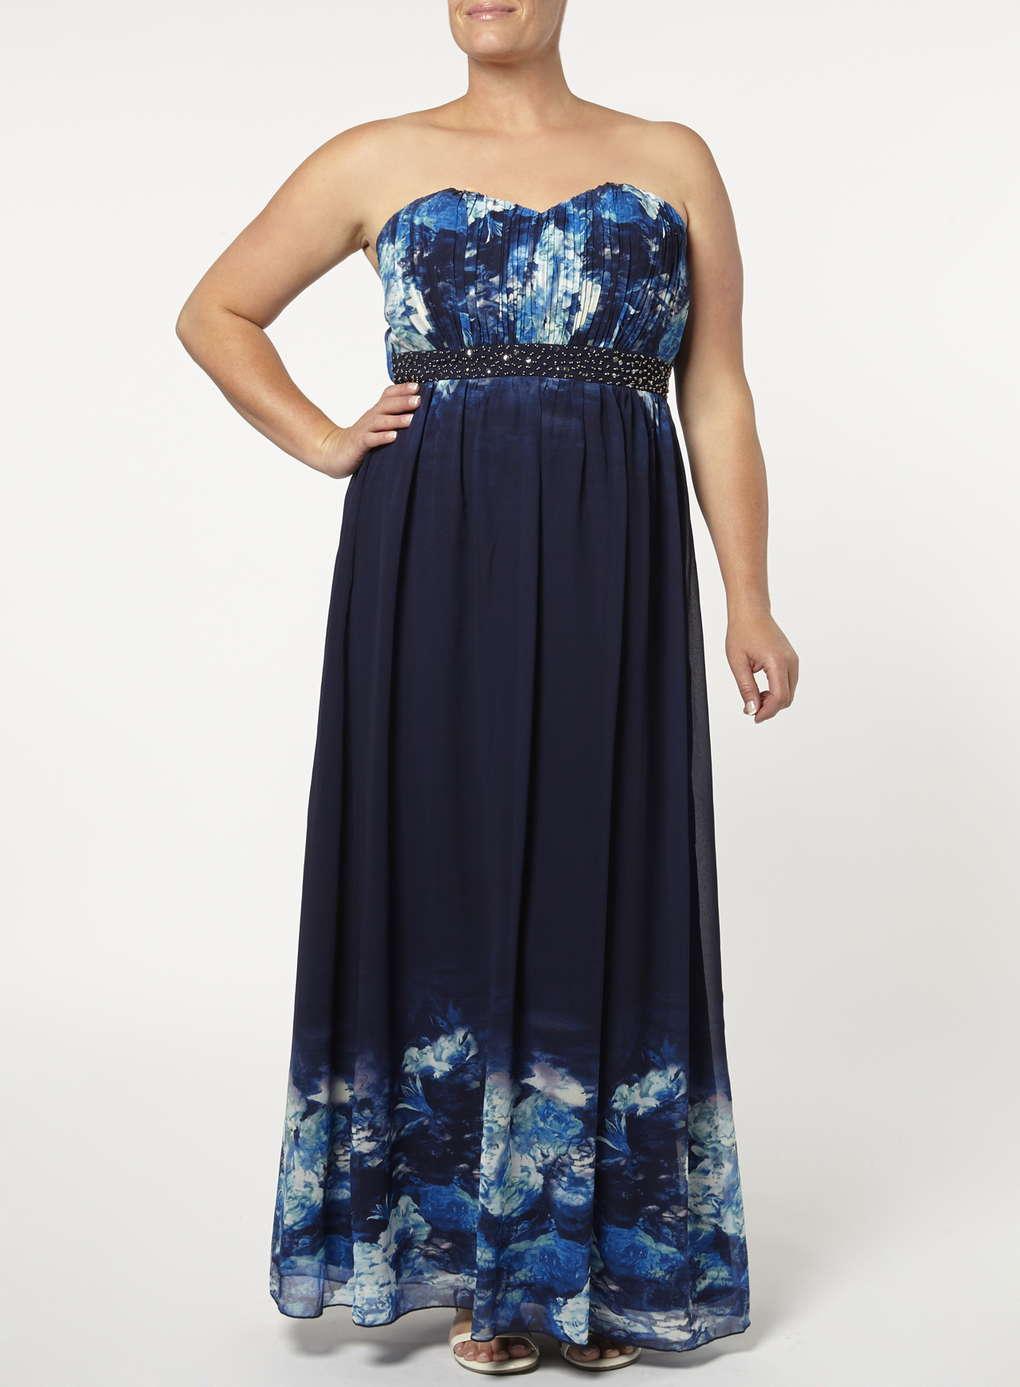 Büyük Beden Uzun Abiye Elbise Modelleri - Gece Elbiseleri - plus size dresses (23)